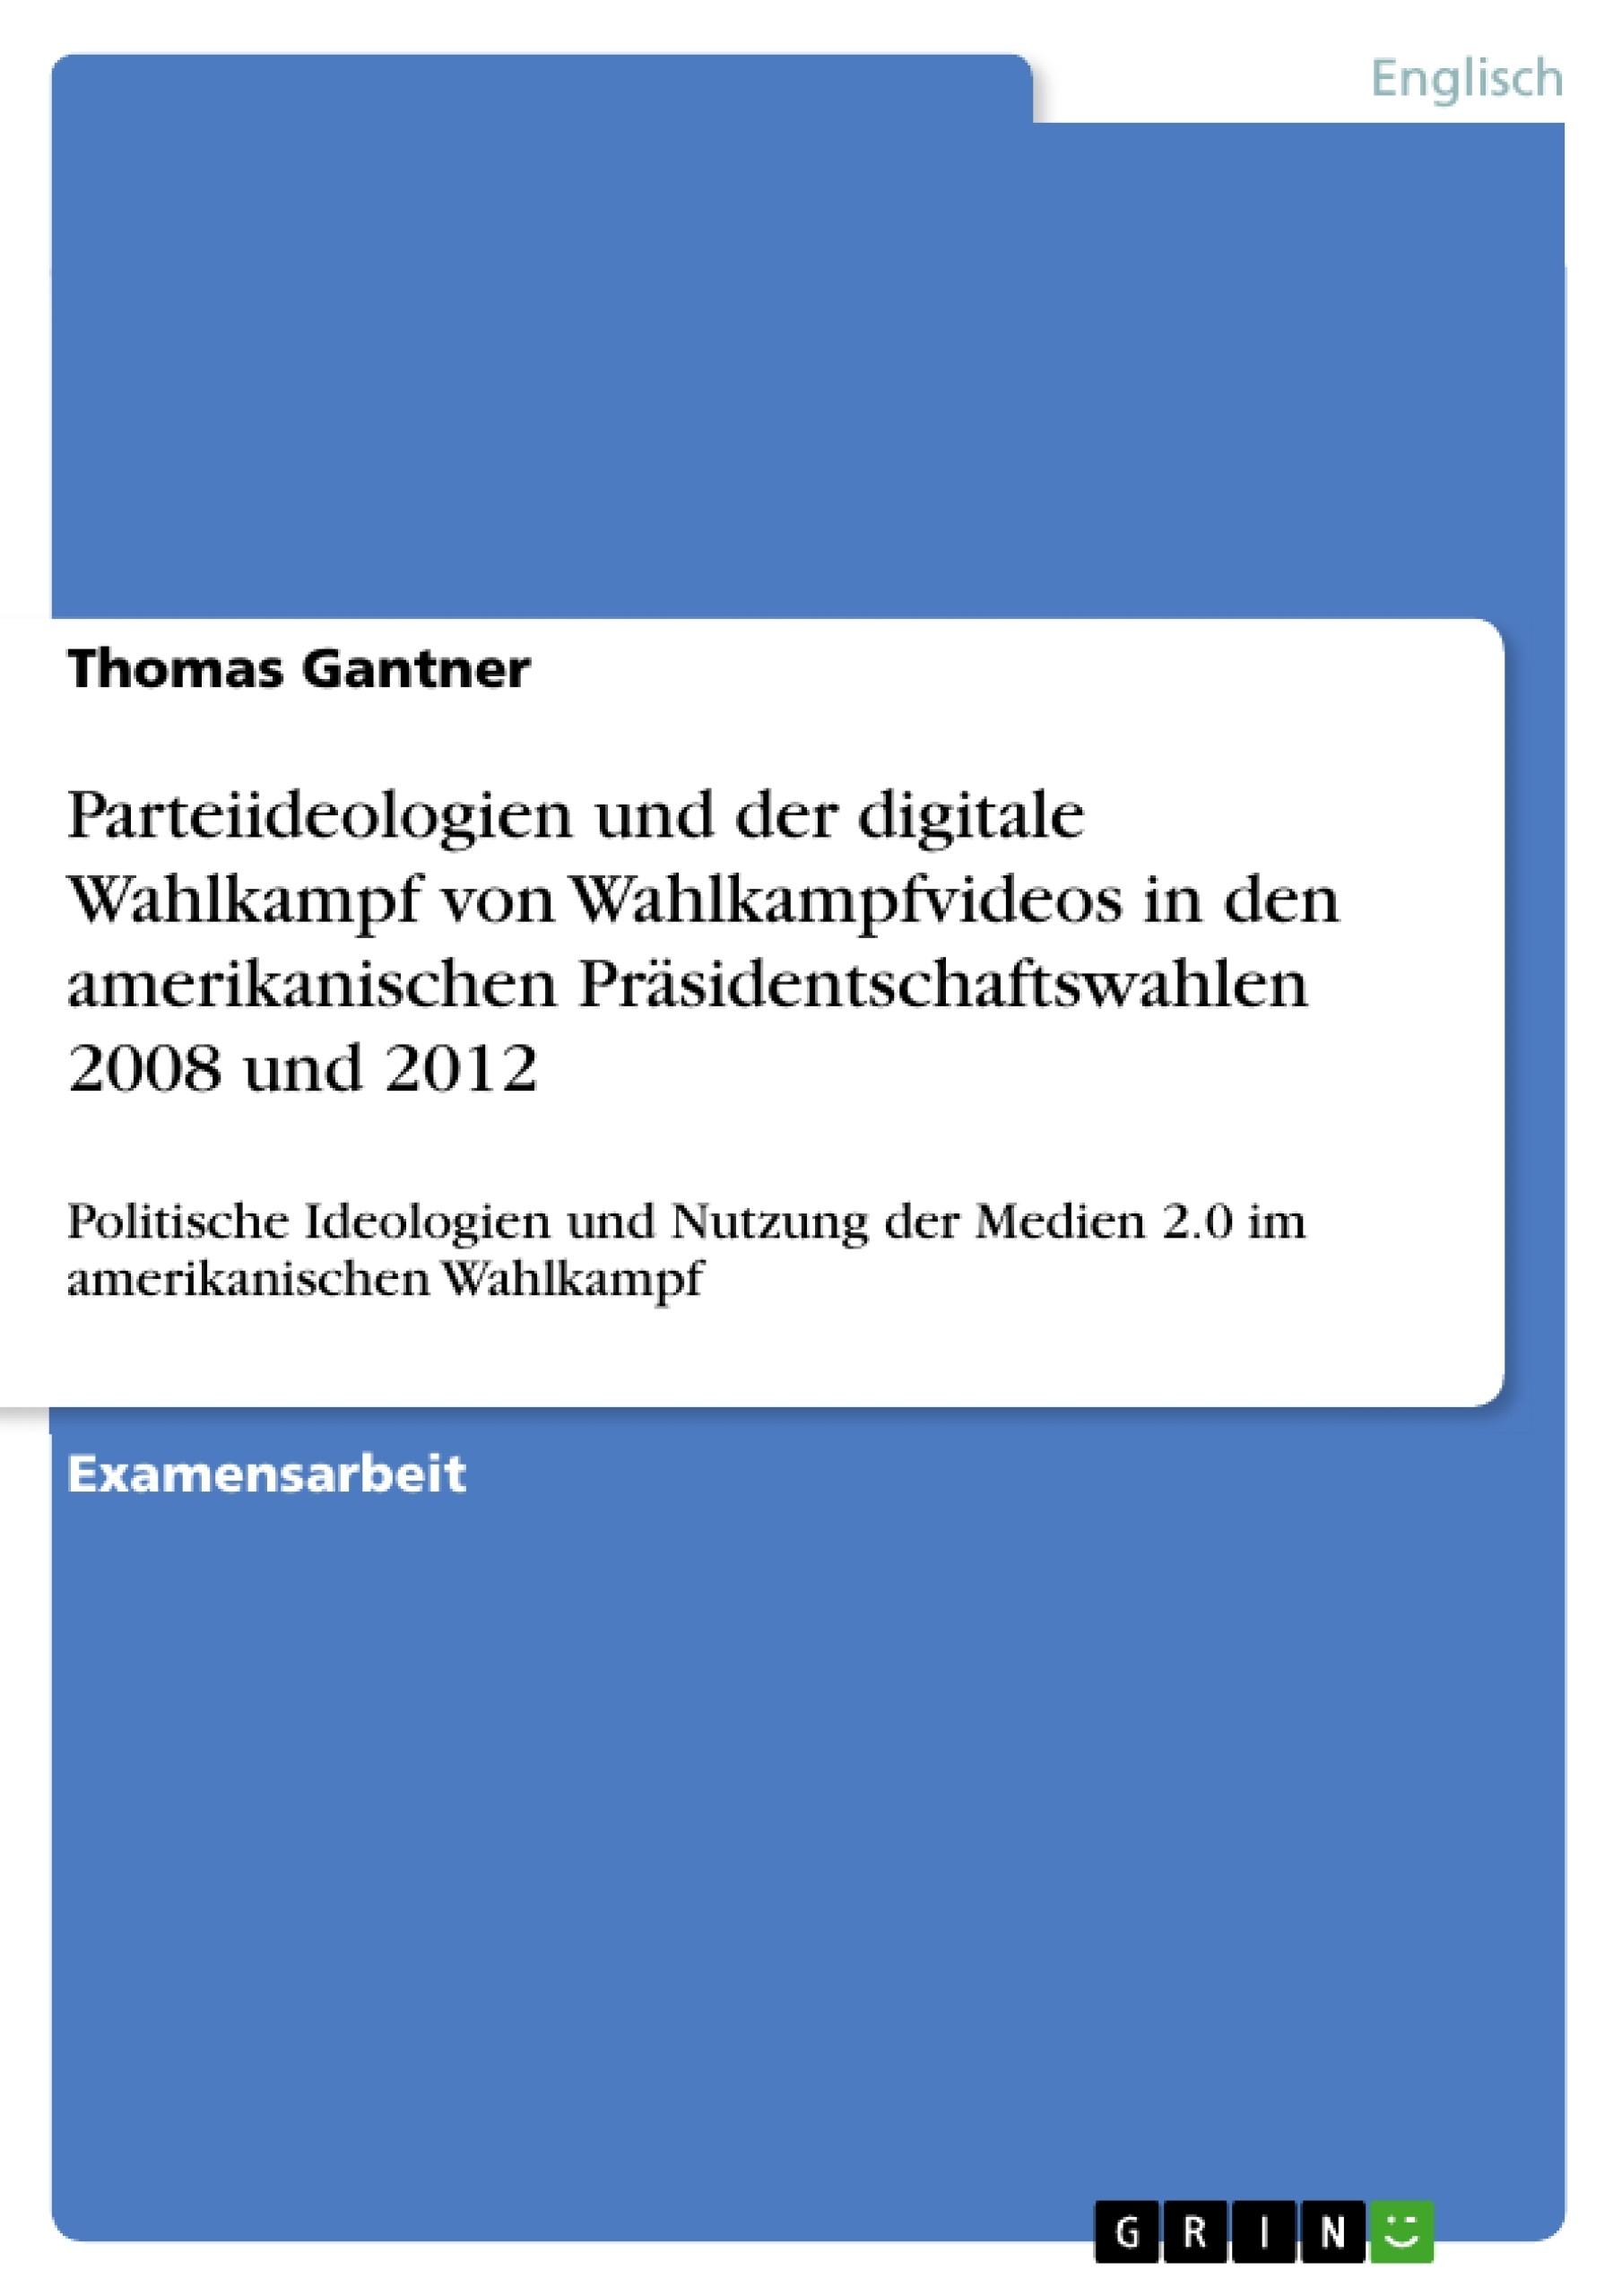 Titel: Parteiideologien und der digitale Wahlkampf von Wahlkampfvideos in den amerikanischen Präsidentschaftswahlen 2008 und 2012